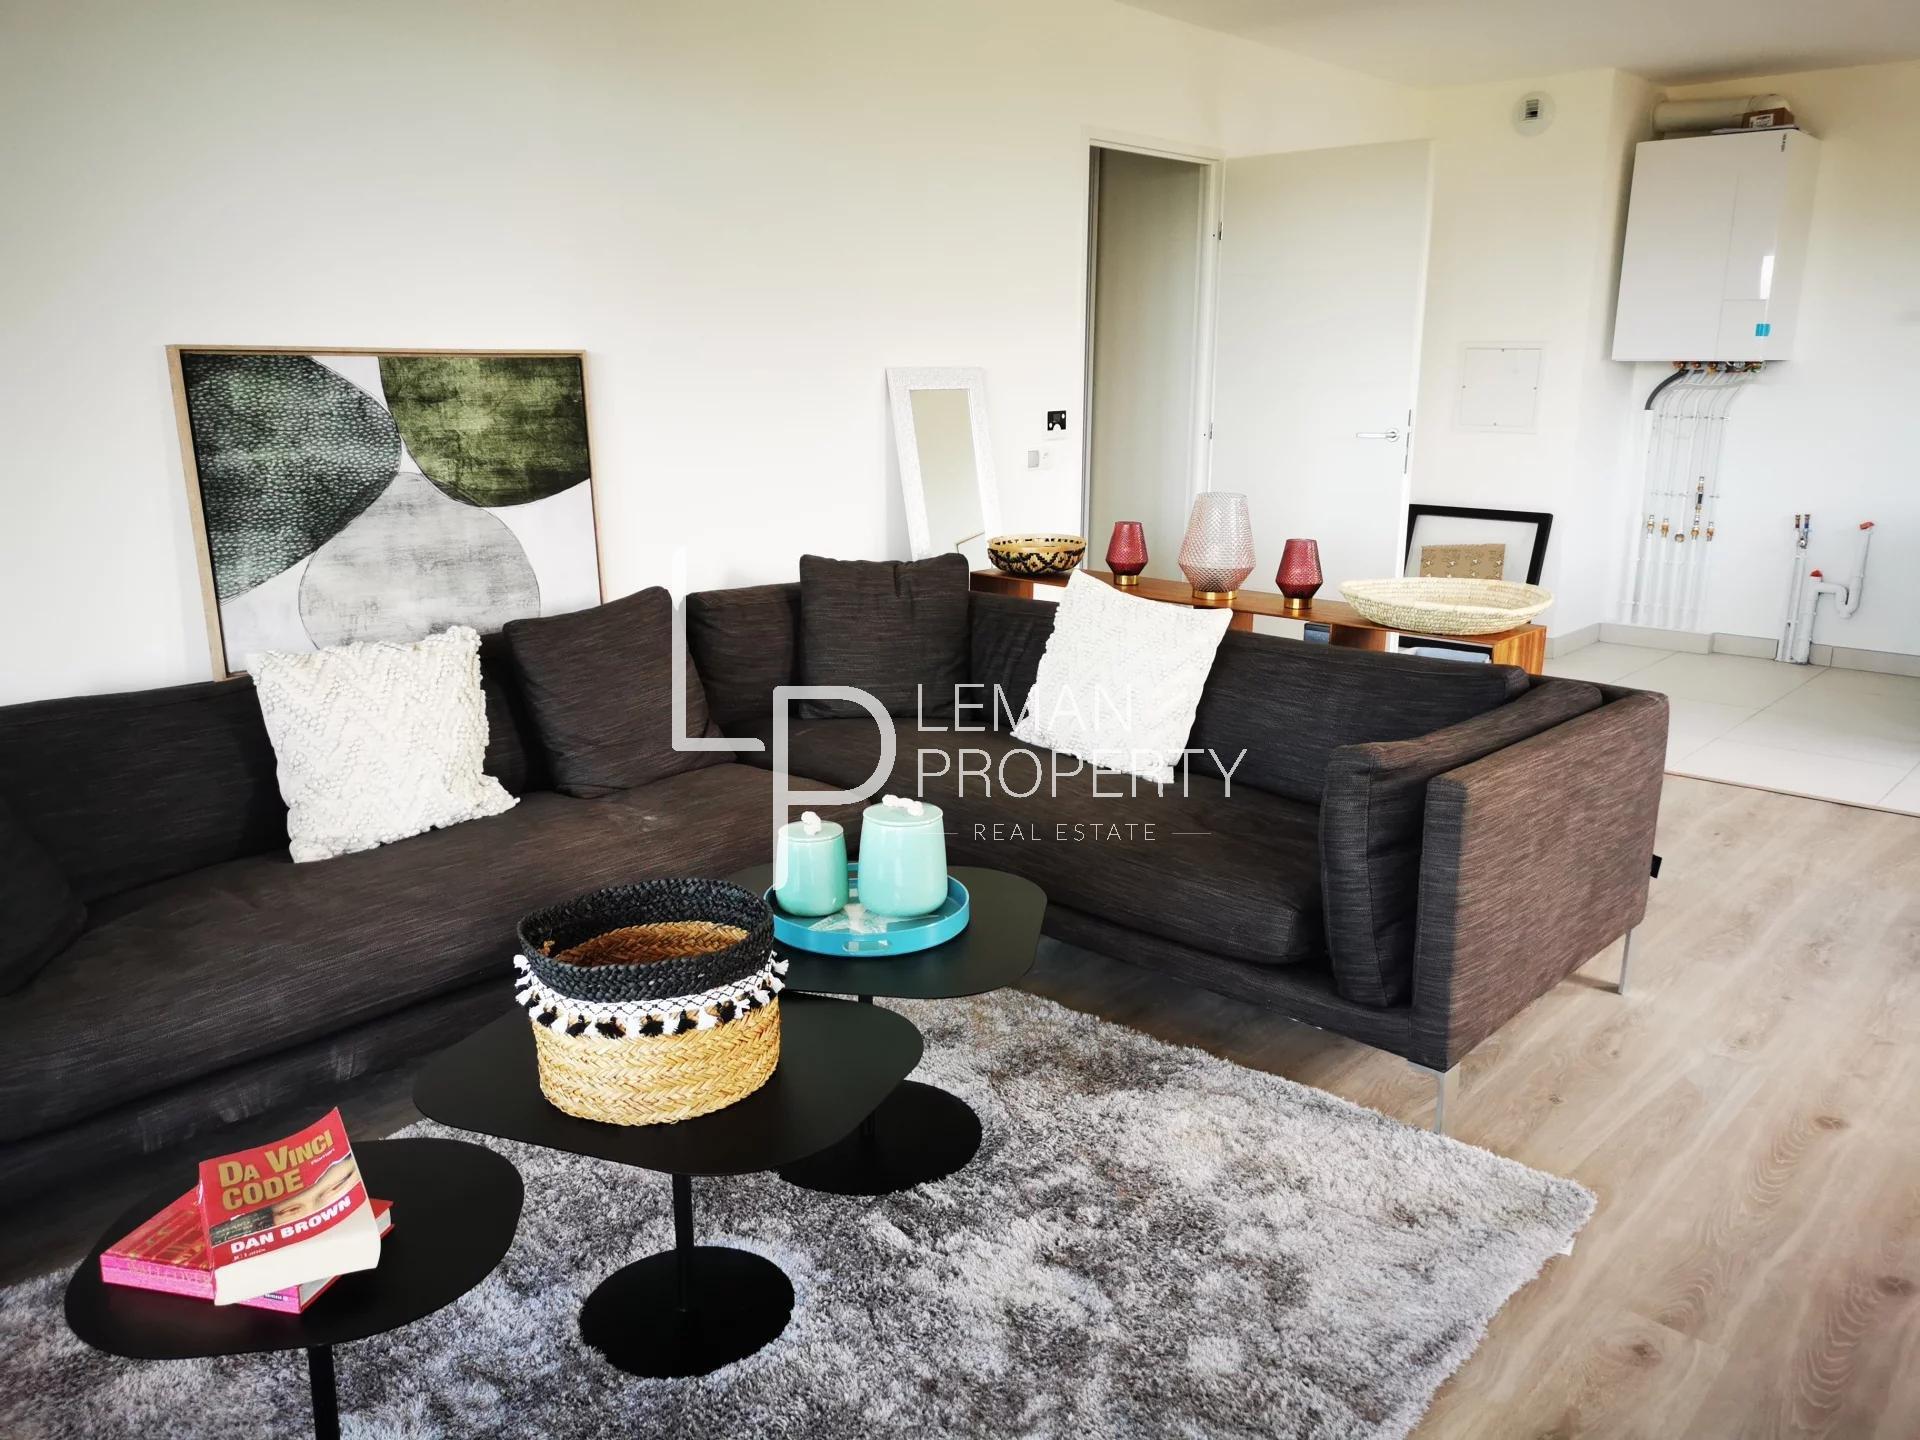 Vente de appartement à Anthy-sur-Léman au prix de 471000€